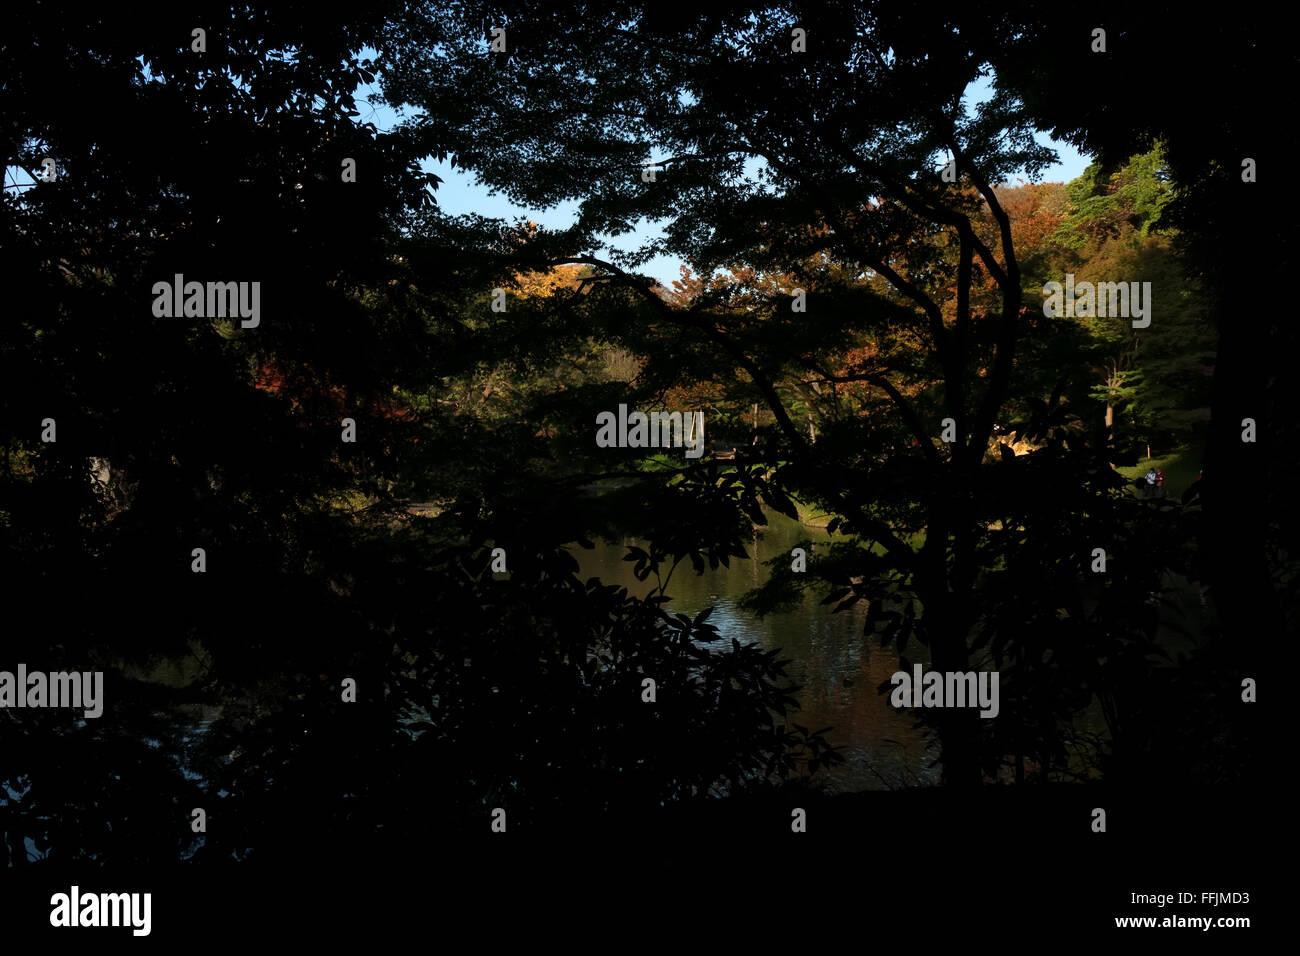 Koishikawa Korakuen Garten, Tokio, Japan. Stadtpark in Herbst-Saison, Herbst Laub auf den Bäumen. Japanische Stockbild